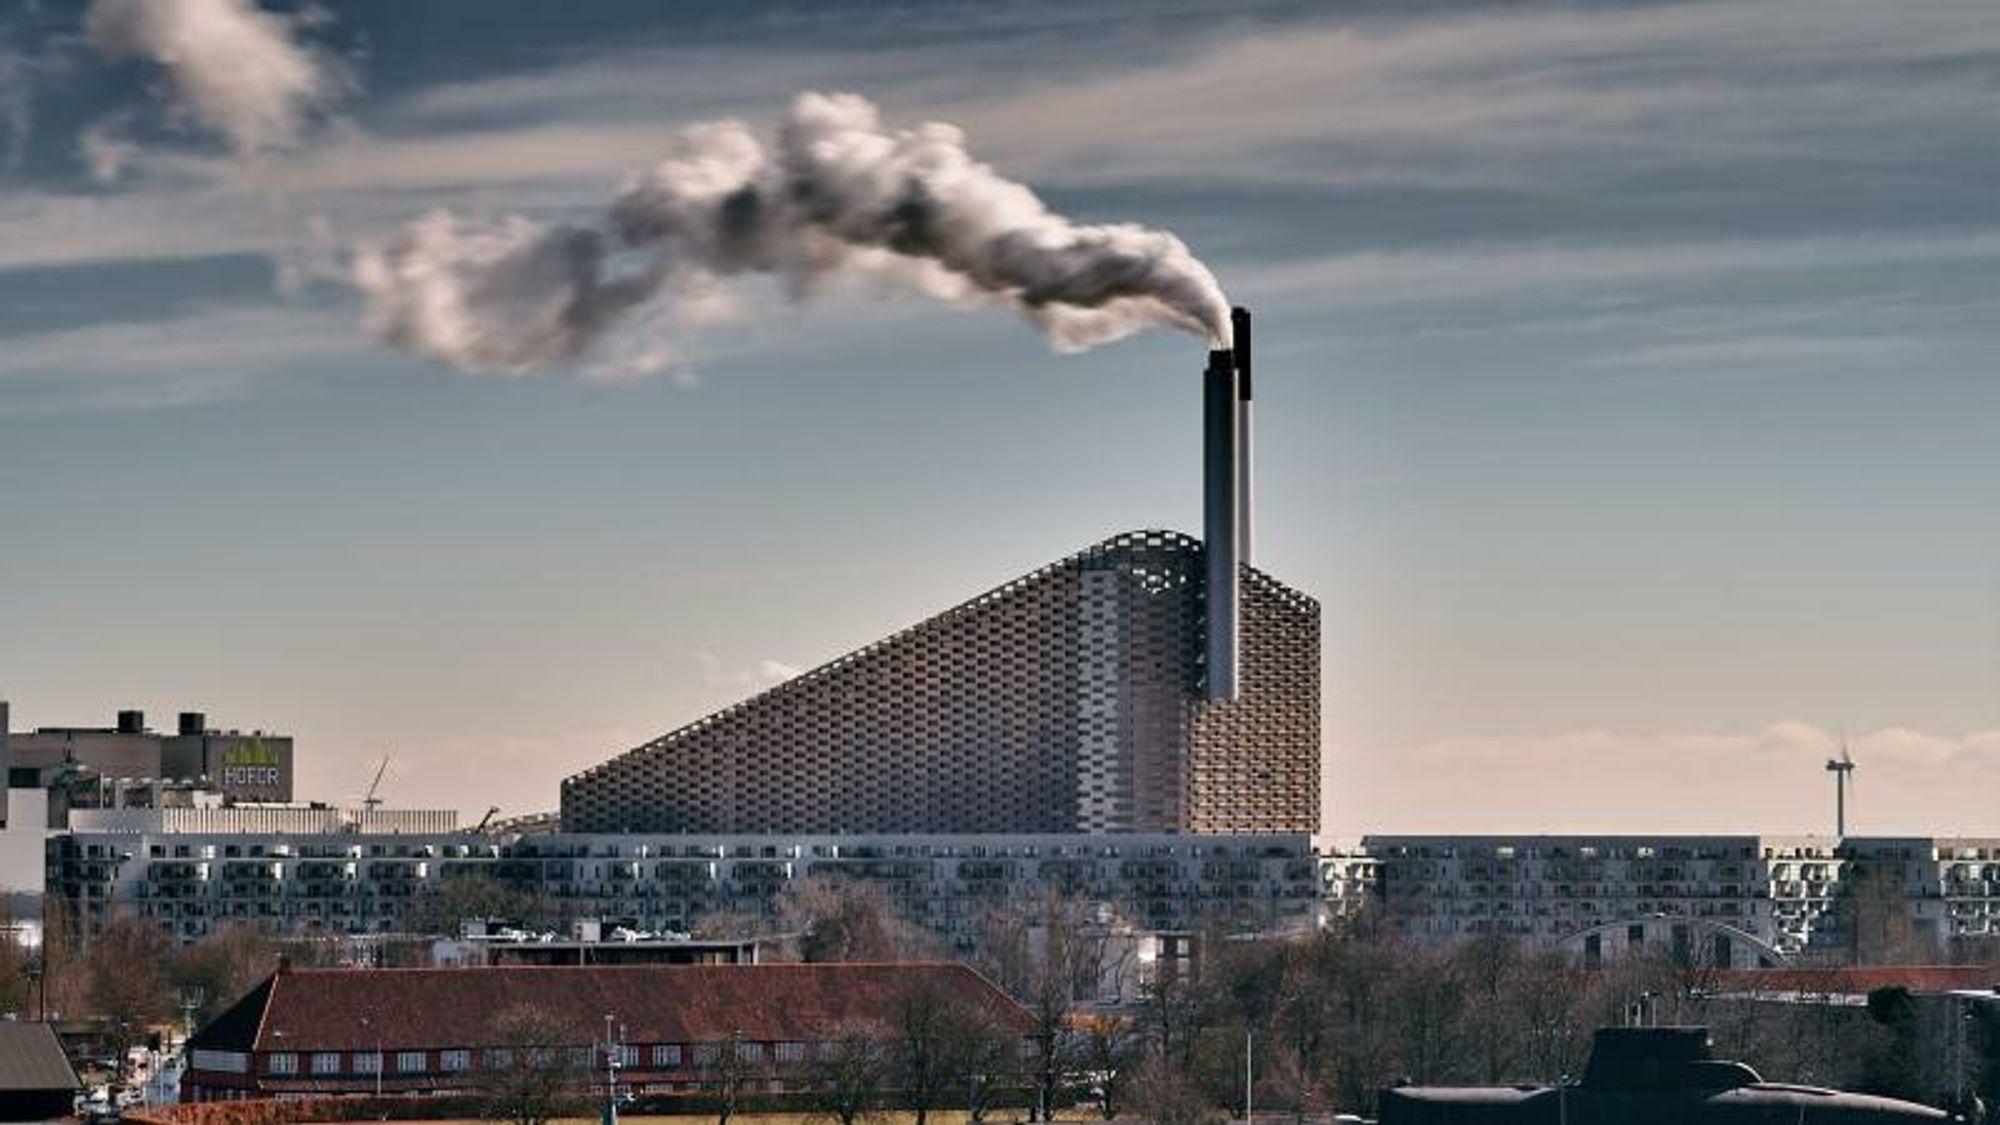 Et stort forbrenningsanlegg - Amager Bakke ved København - skal bli det første i Danmark utstyrt med et anlegg til CO2-fangst.